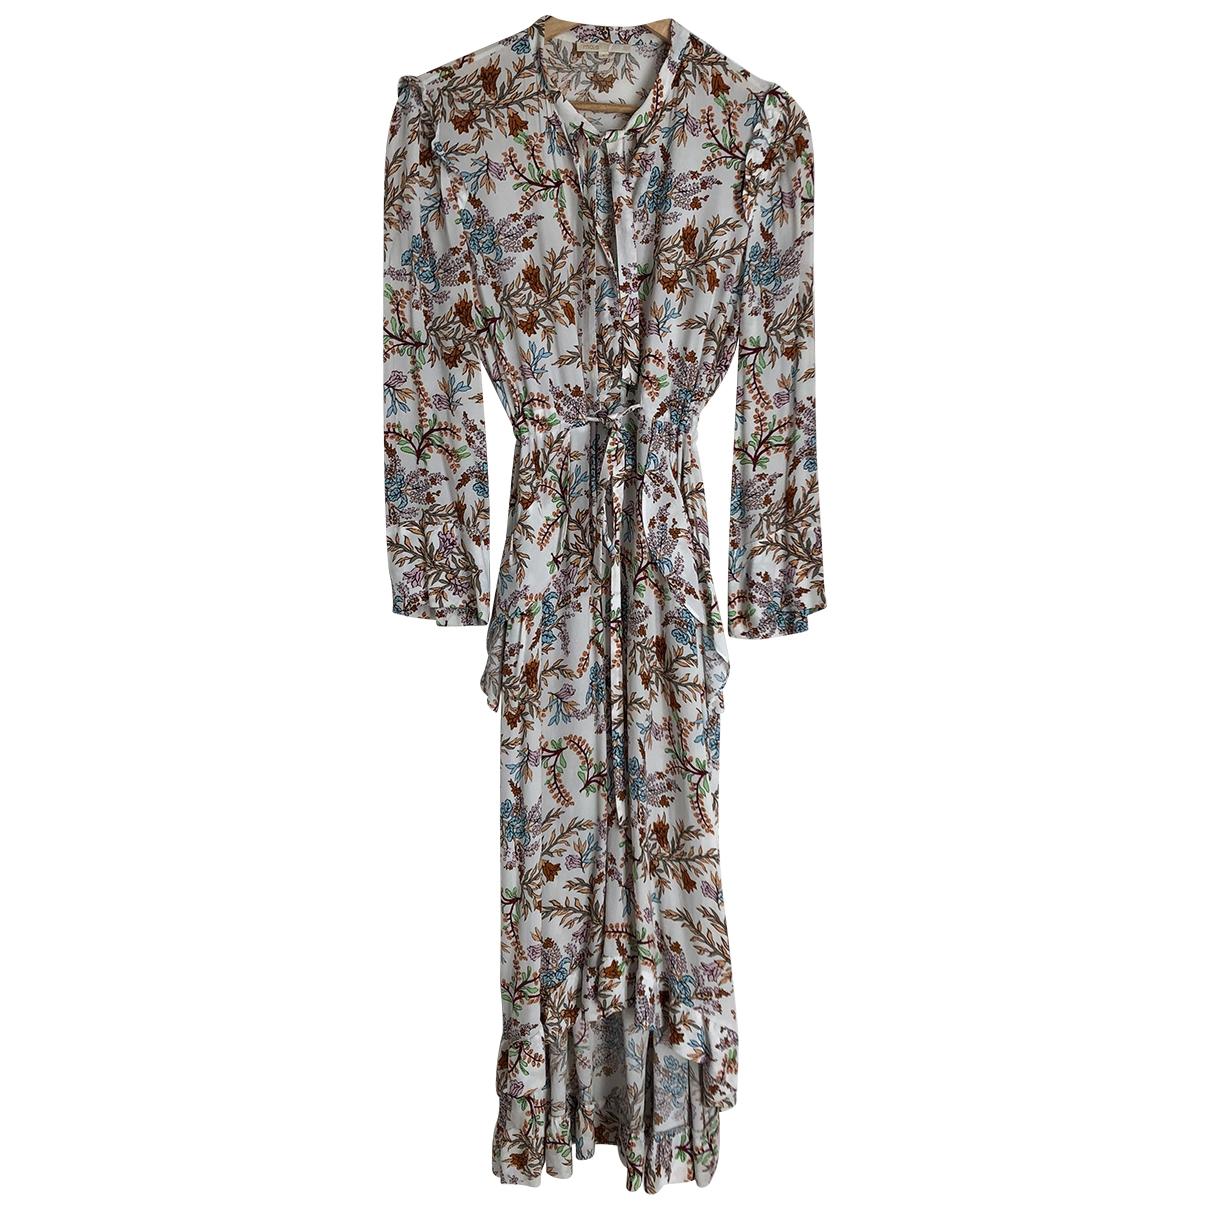 Maje Spring Summer 2019 Multicolour dress for Women 40 FR